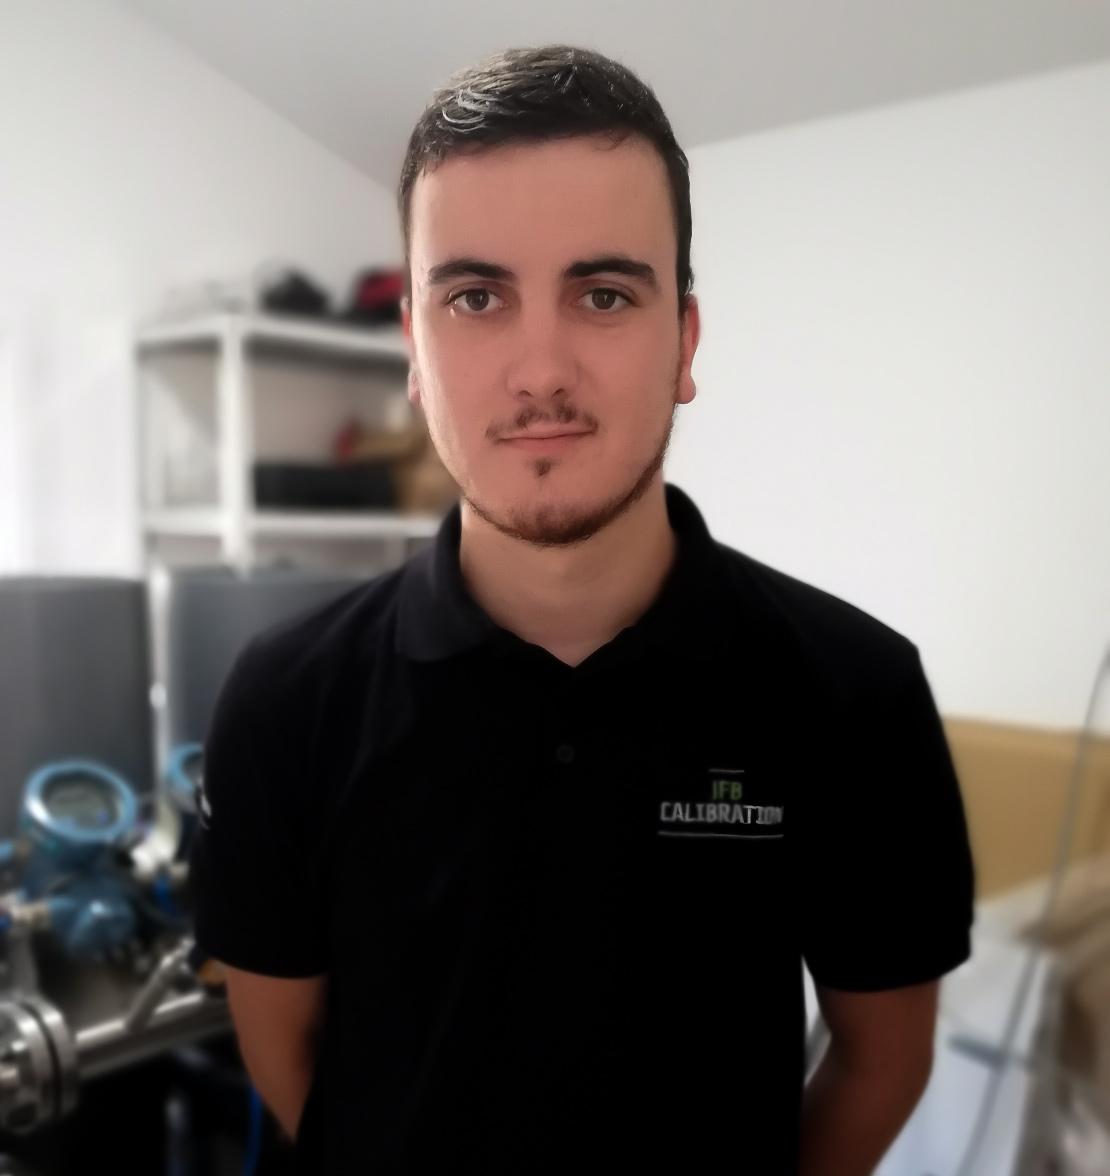 Lucas Zabrocki, étudiant en alternance chez JFB CALIBRATION, témoigne